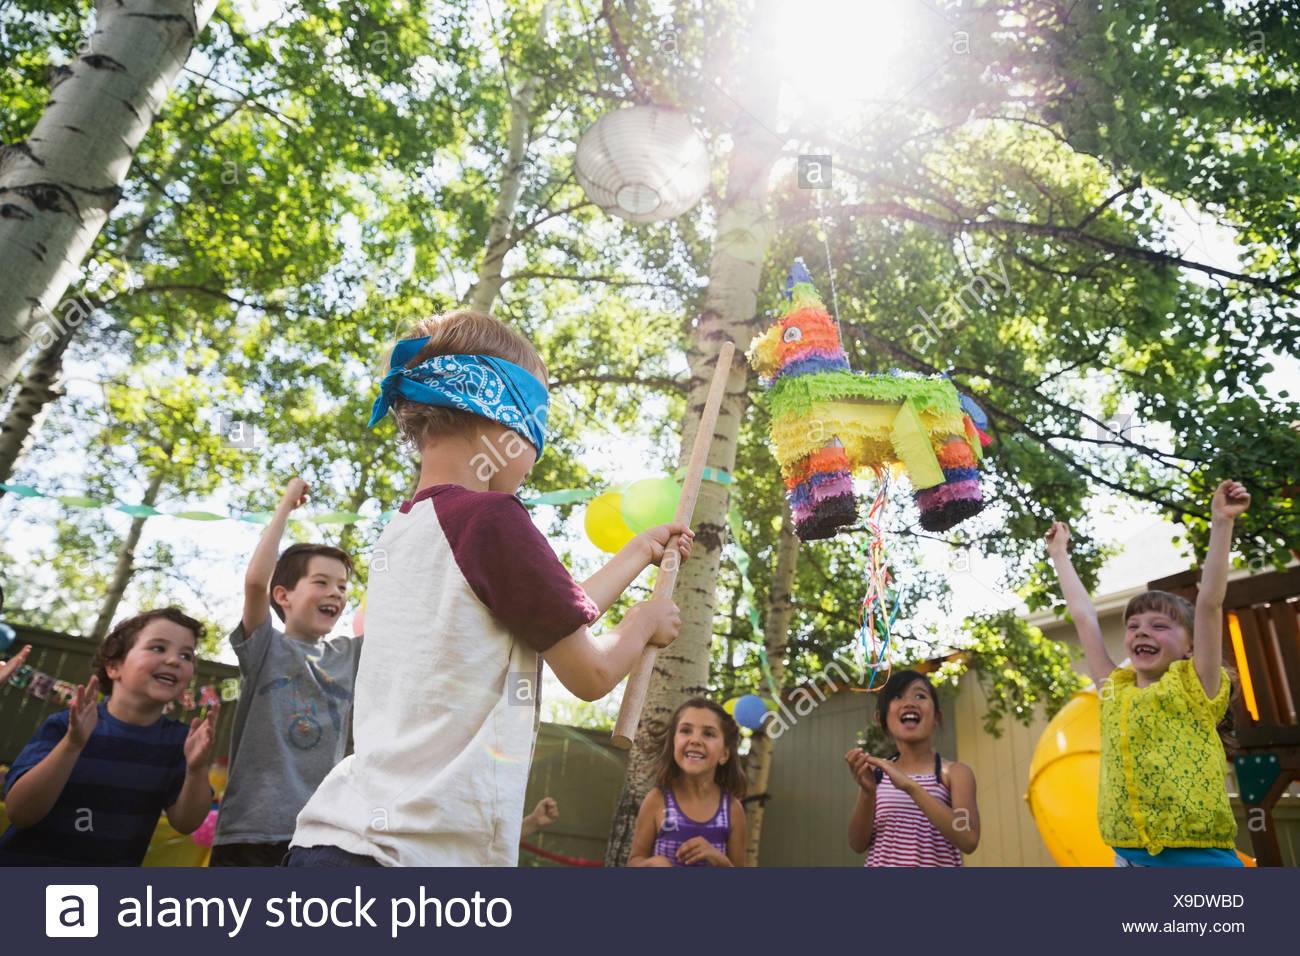 Bambini il tifo per gli occhi bendati boy swinging a pinata Immagini Stock